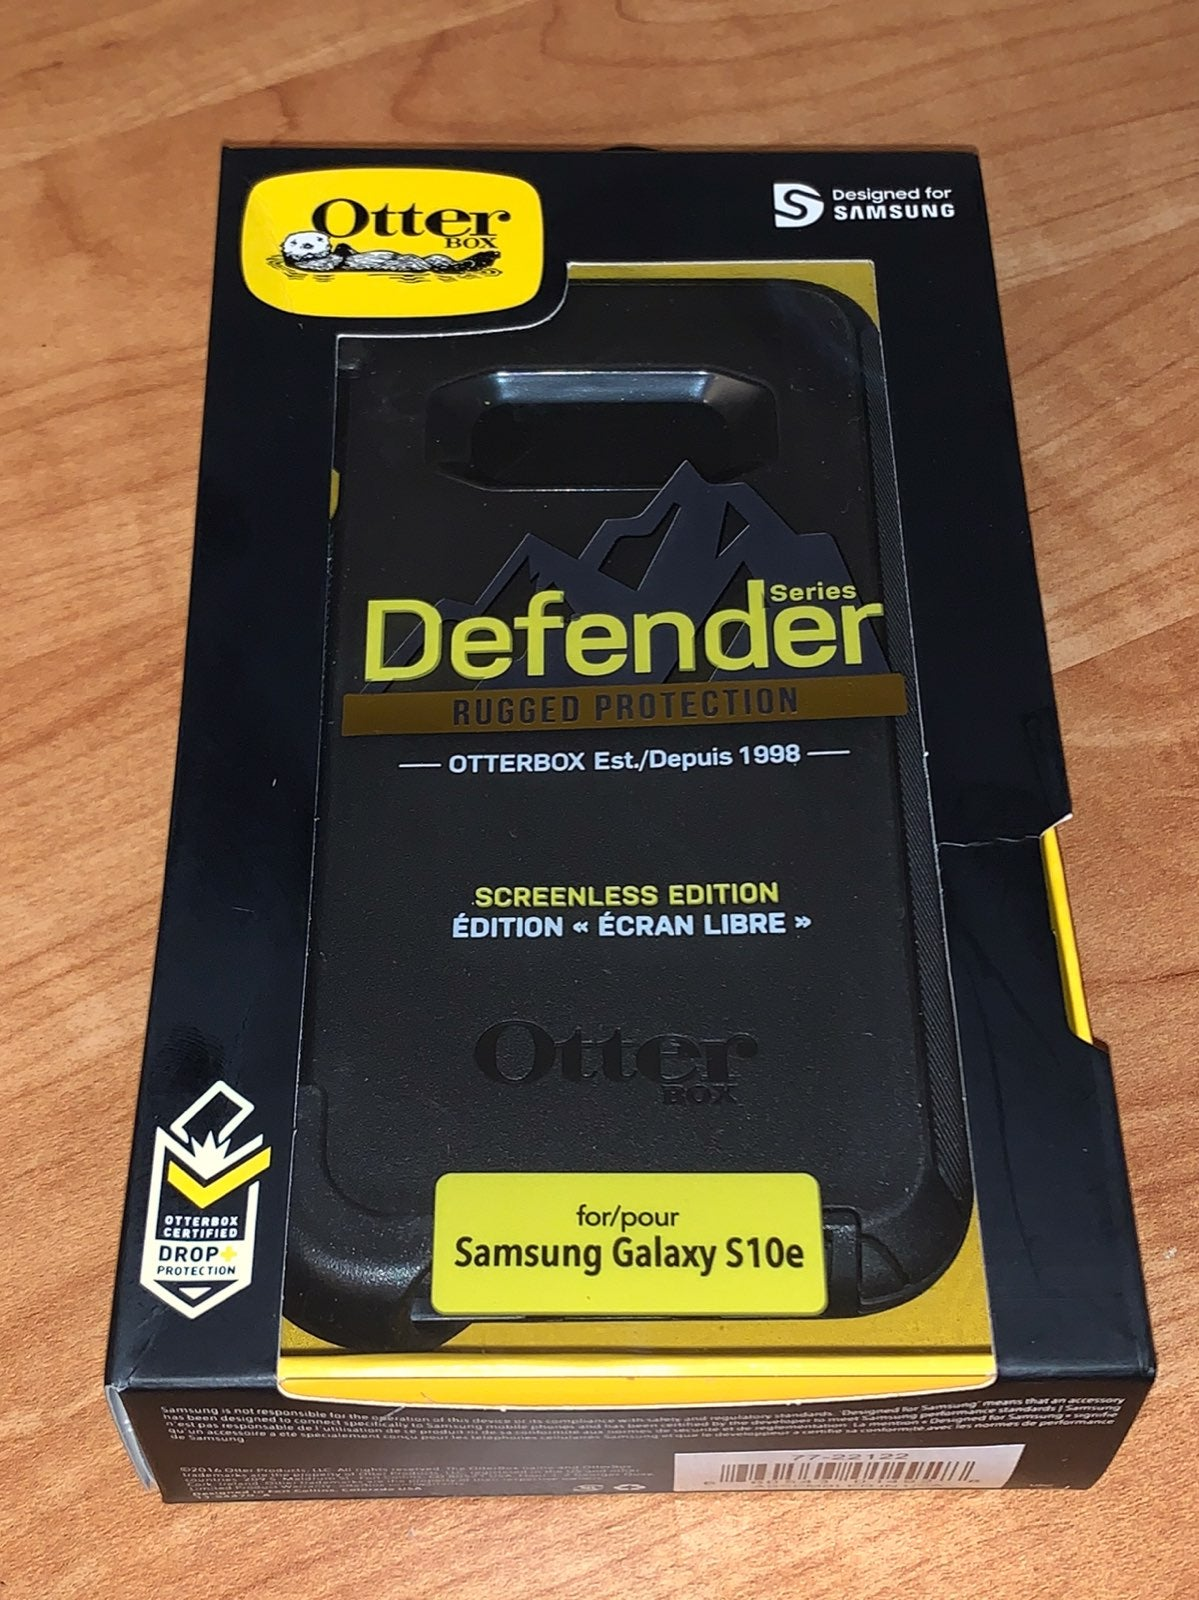 New Samsung Galaxy S10e Otterbox BLK